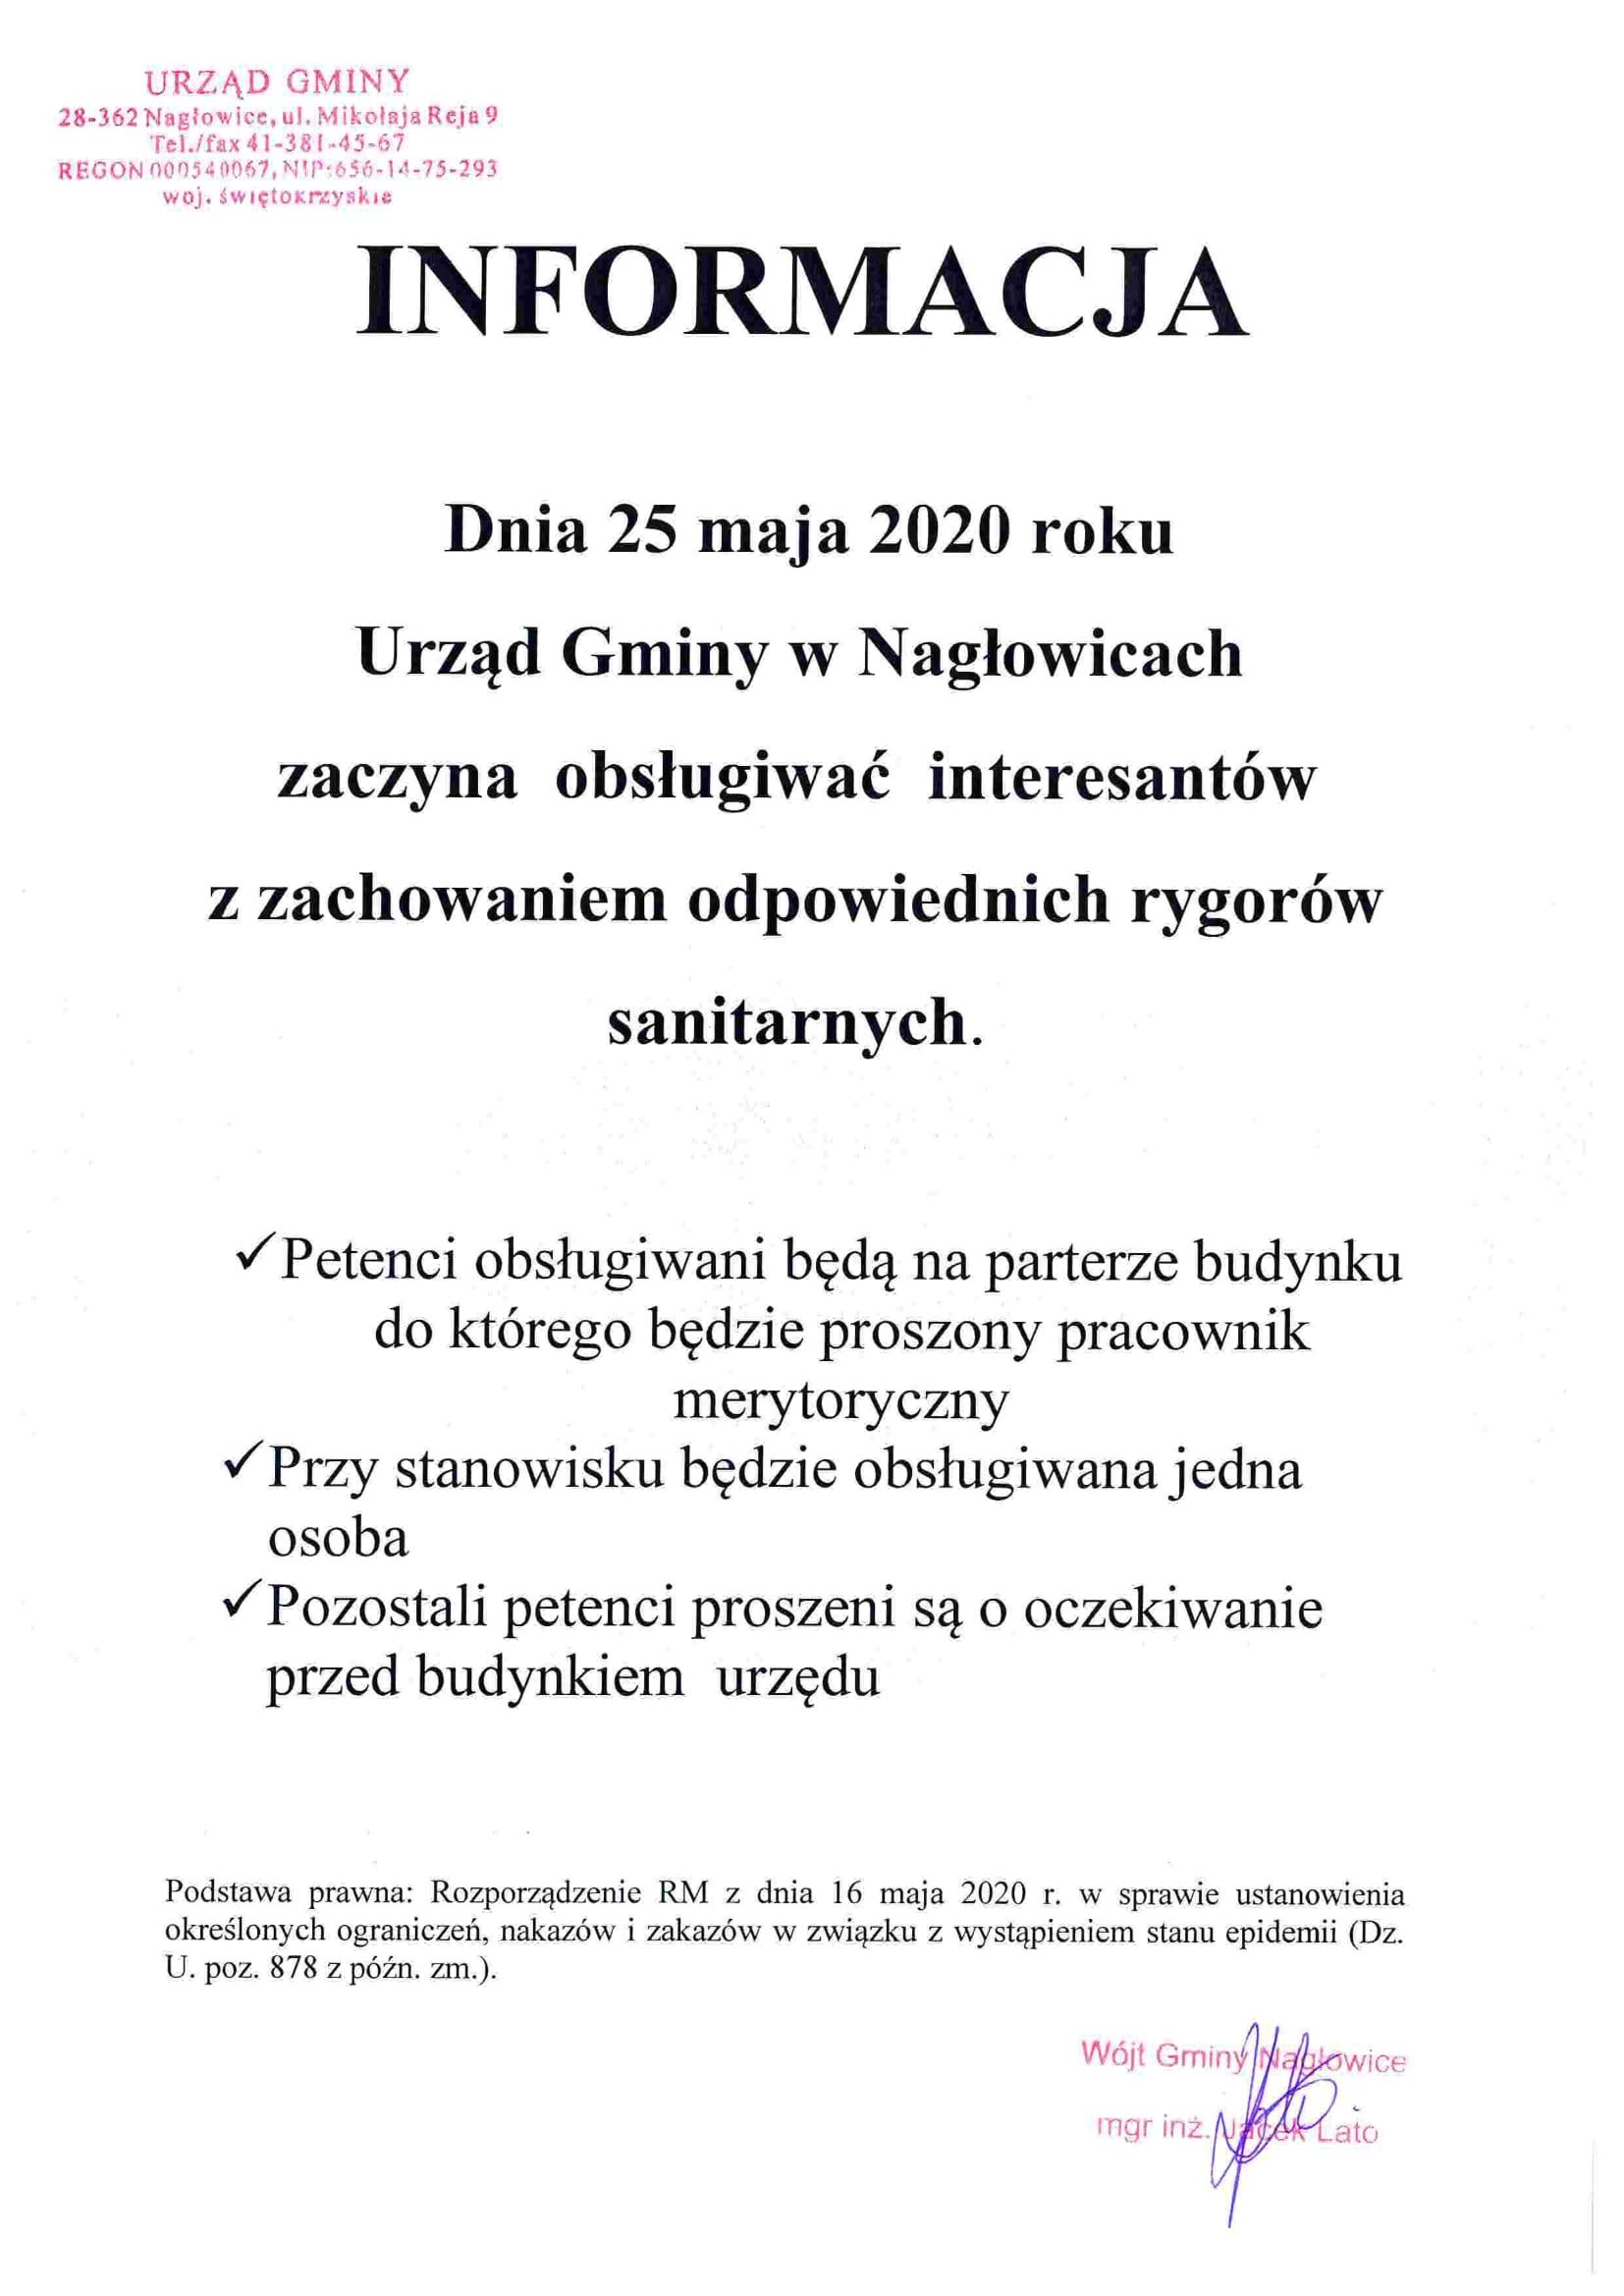 Informacja - Od dnia 25 maja Urząd Gminy w Nagłowicach zaczyna obsługiwać interesantów z zachowaniem odpowiednich rygorów sanitarnych